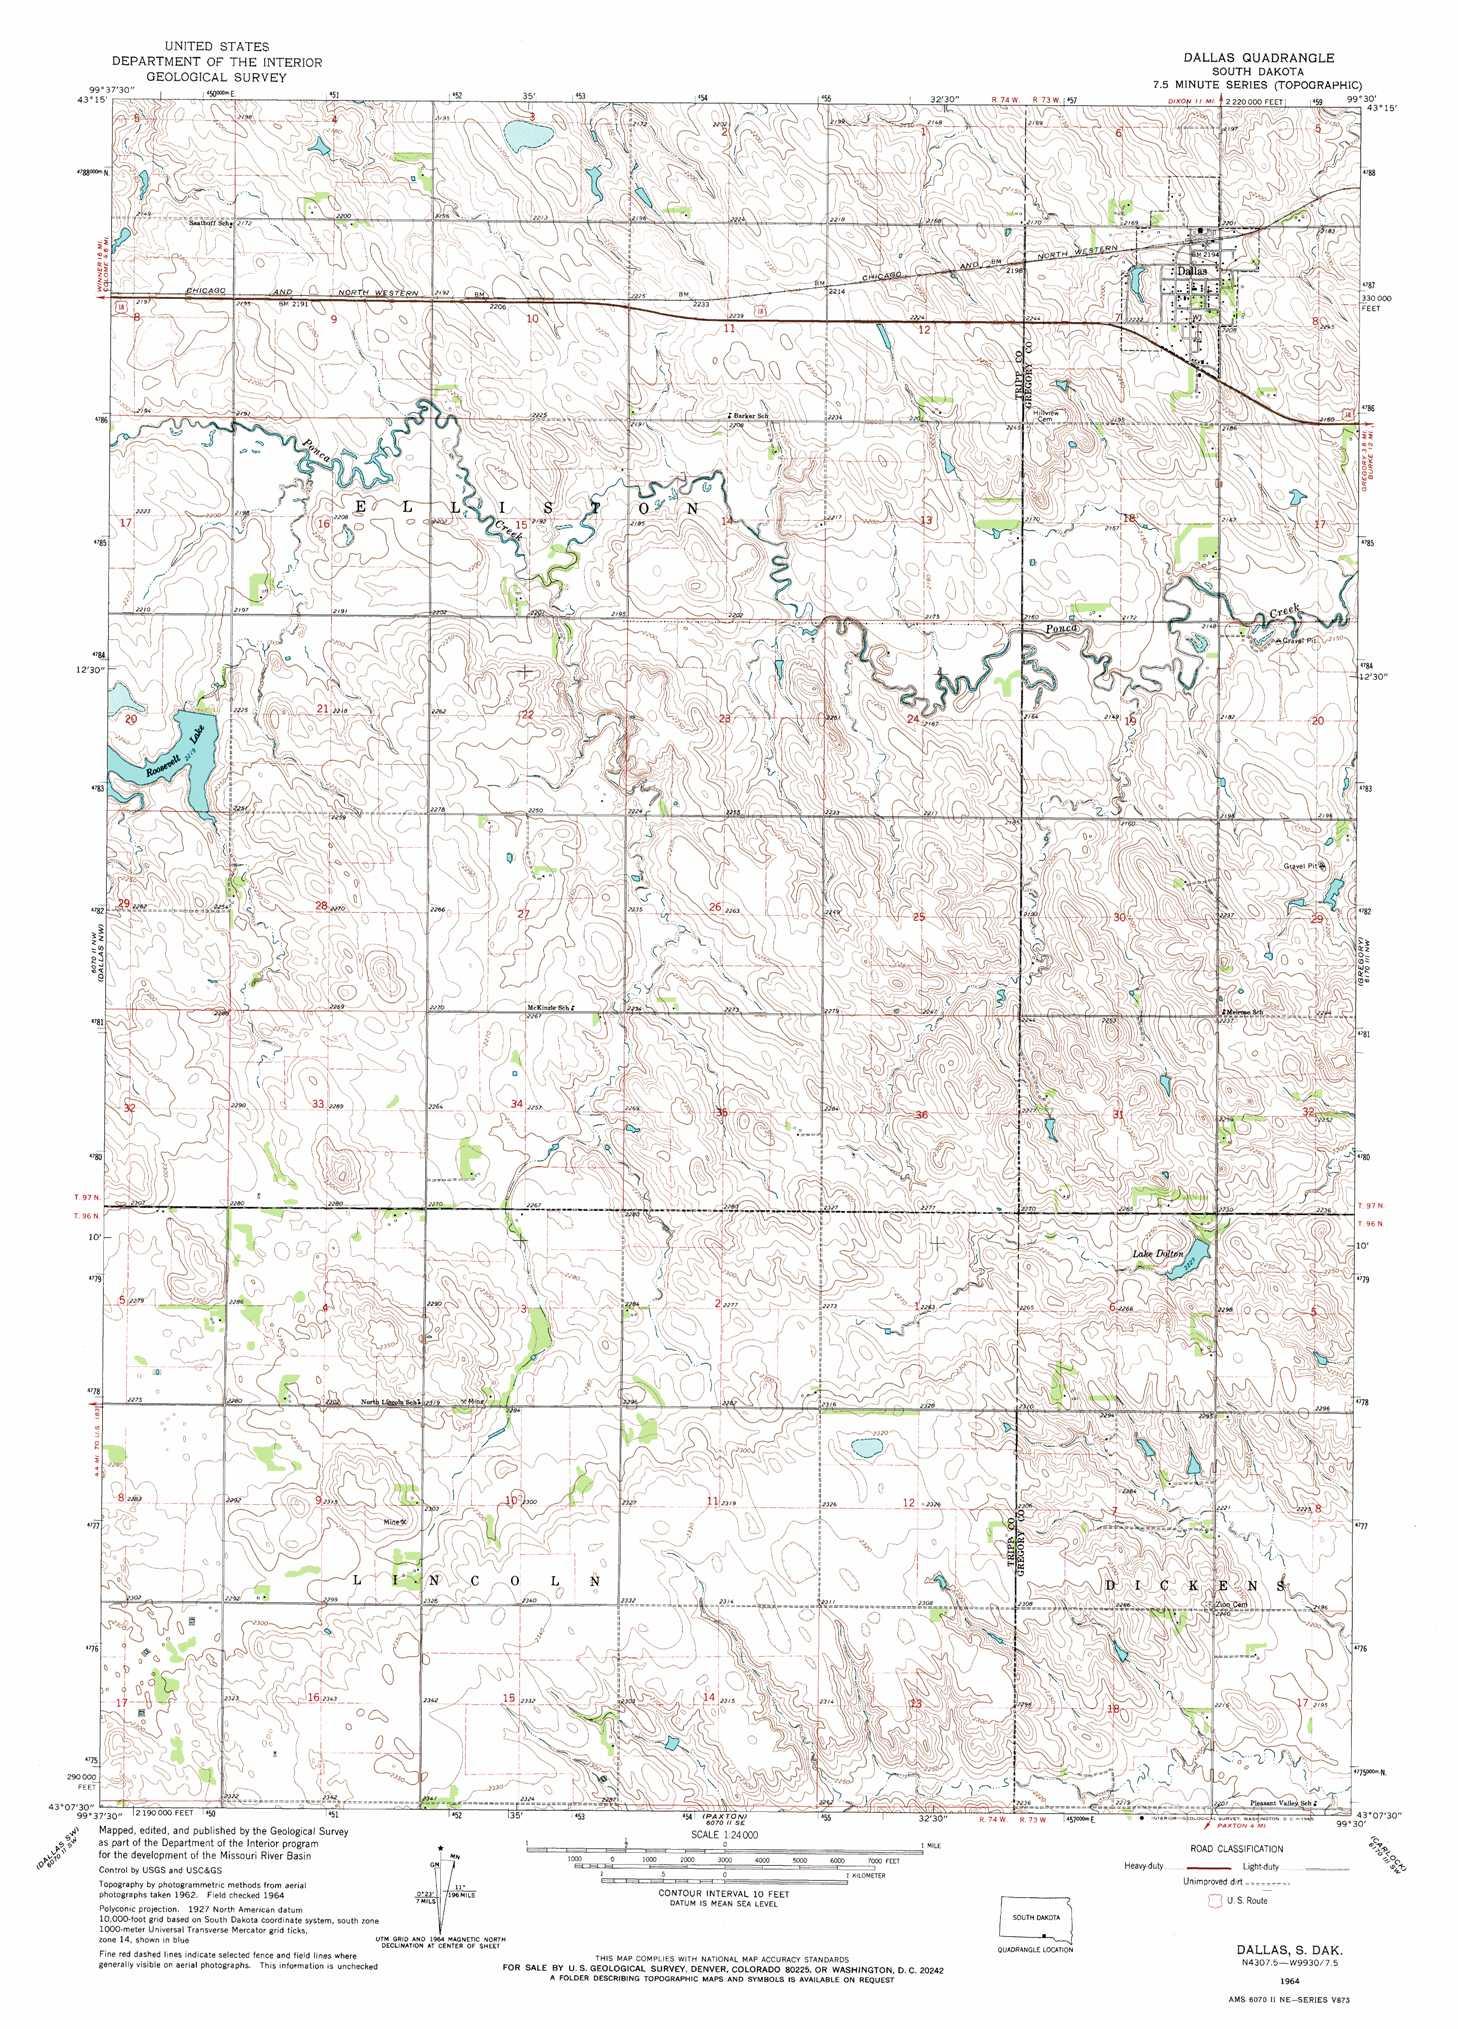 Dallas Topographic Map Sd Usgs Topo Quad 43099b5